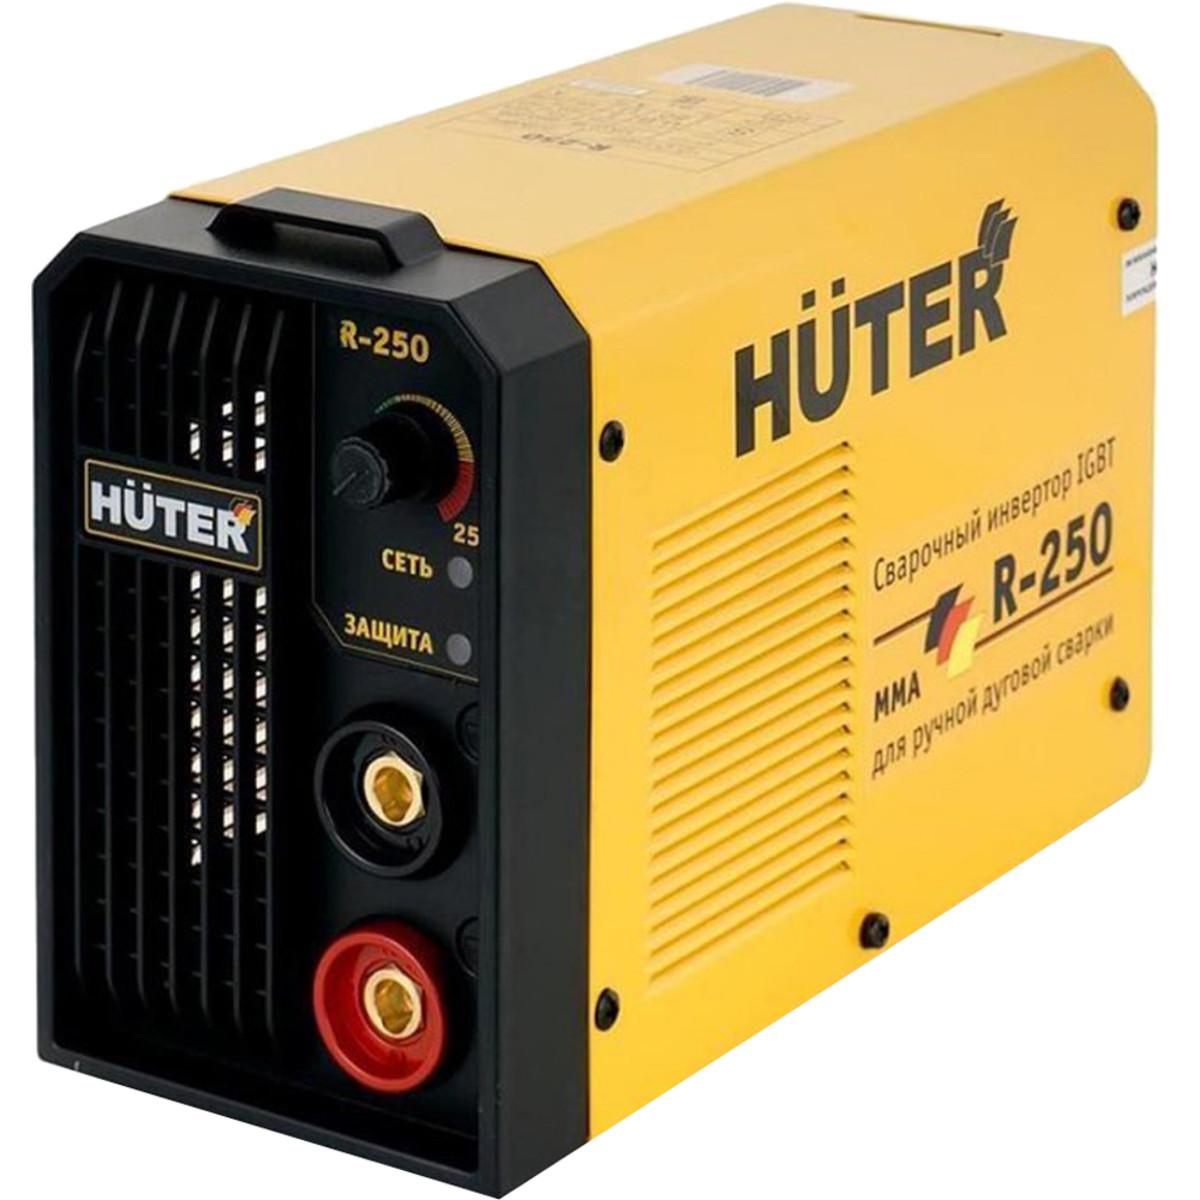 Дуговой Сварочный Инвертор Huter R-250 65/49